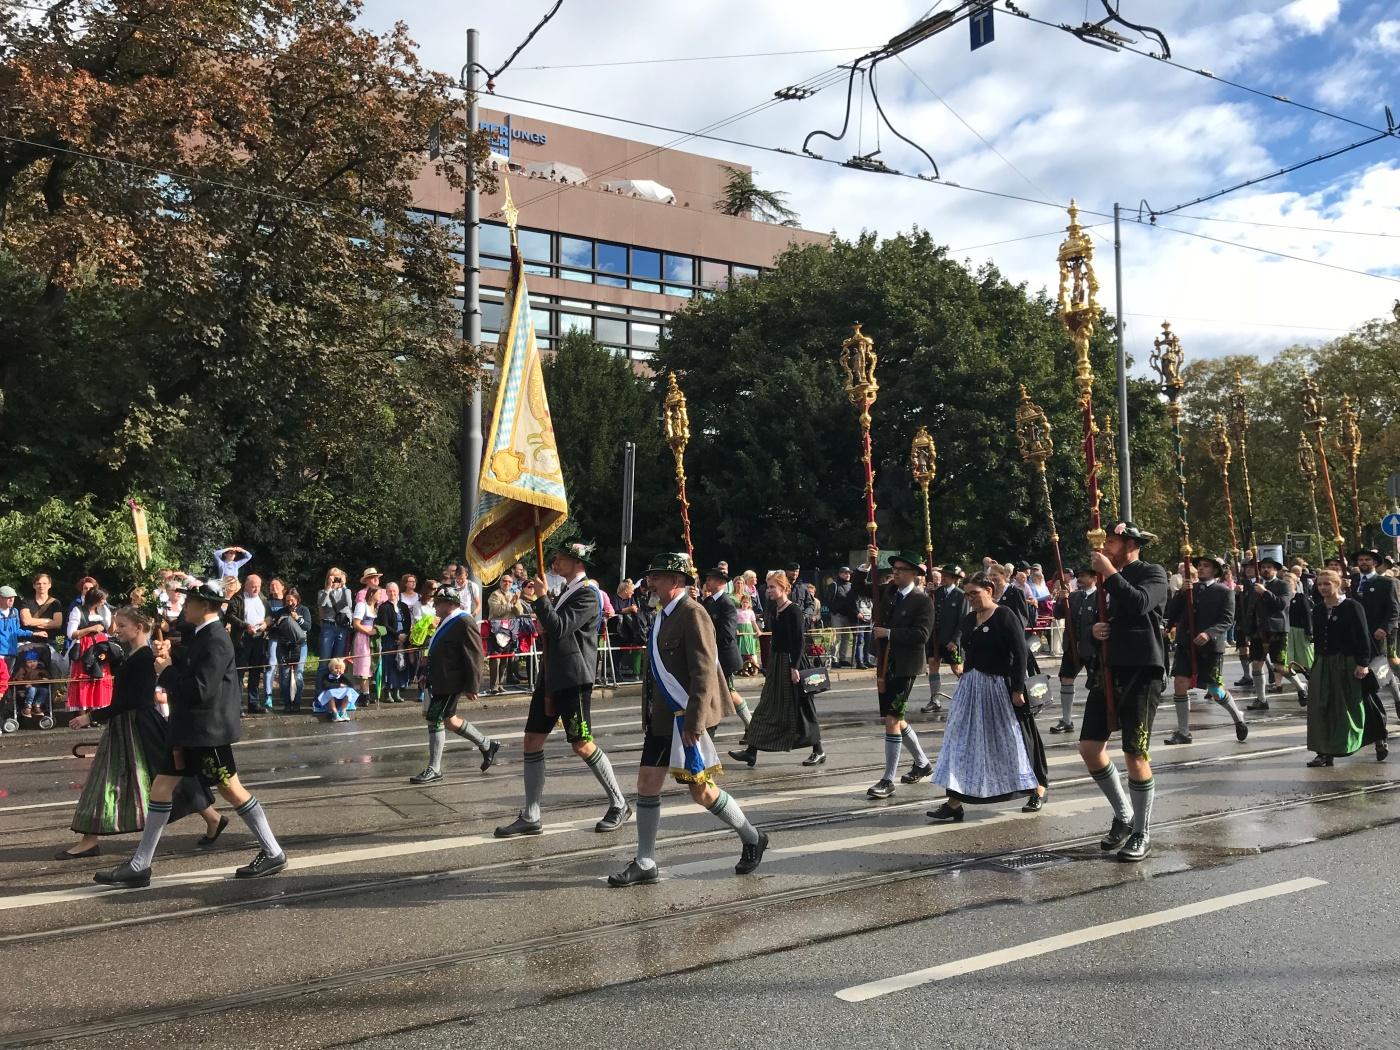 Trachten- und Schützenzug - Munich - Octoberfest 2018 - Staff Makers - Wahlmünchnerin